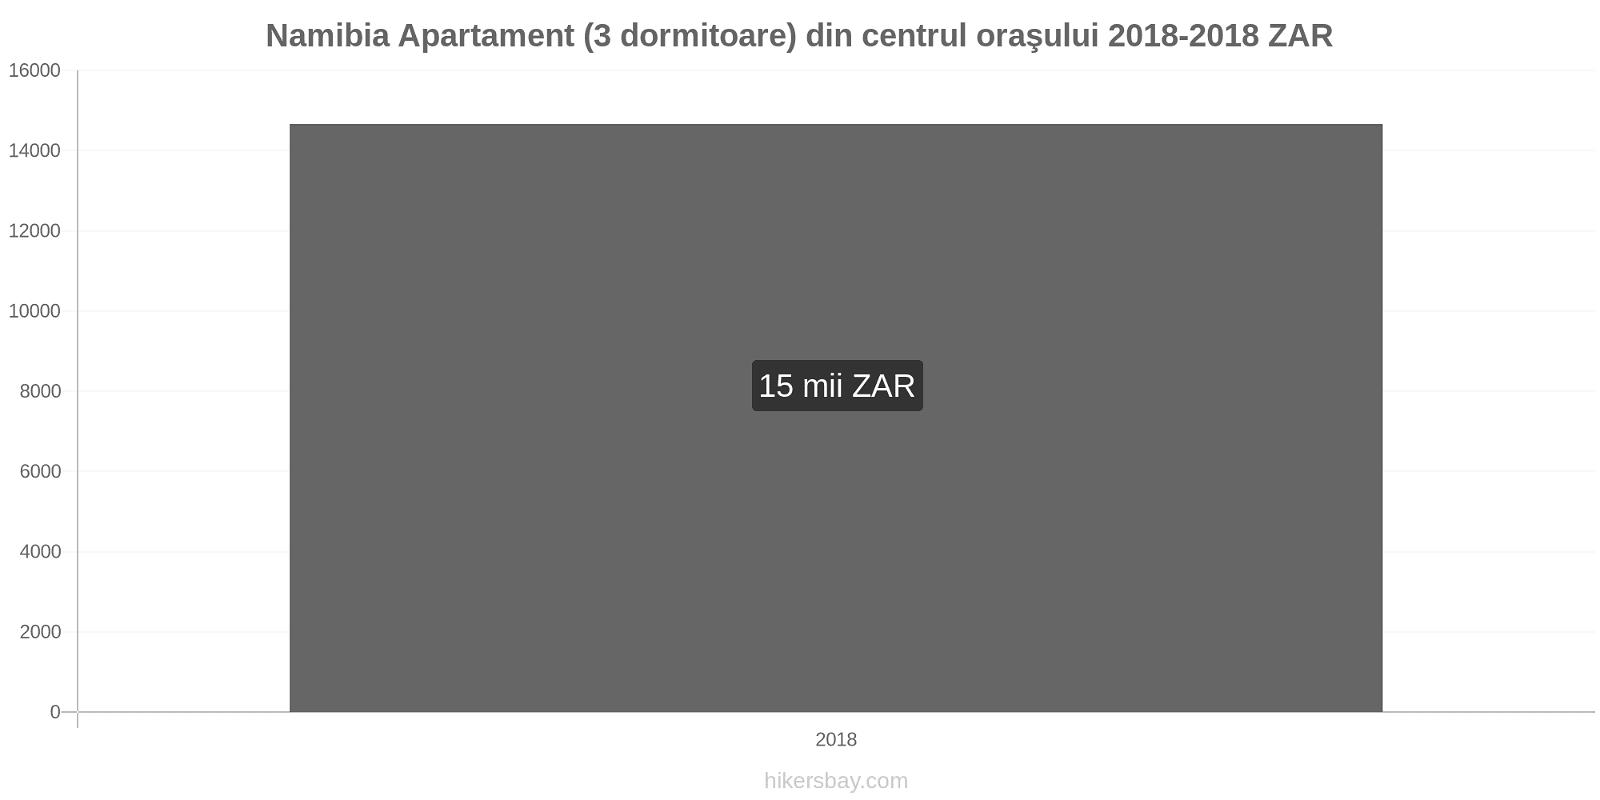 Namibia modificări de preț Apartament (3 dormitoare) din centrul oraşului hikersbay.com